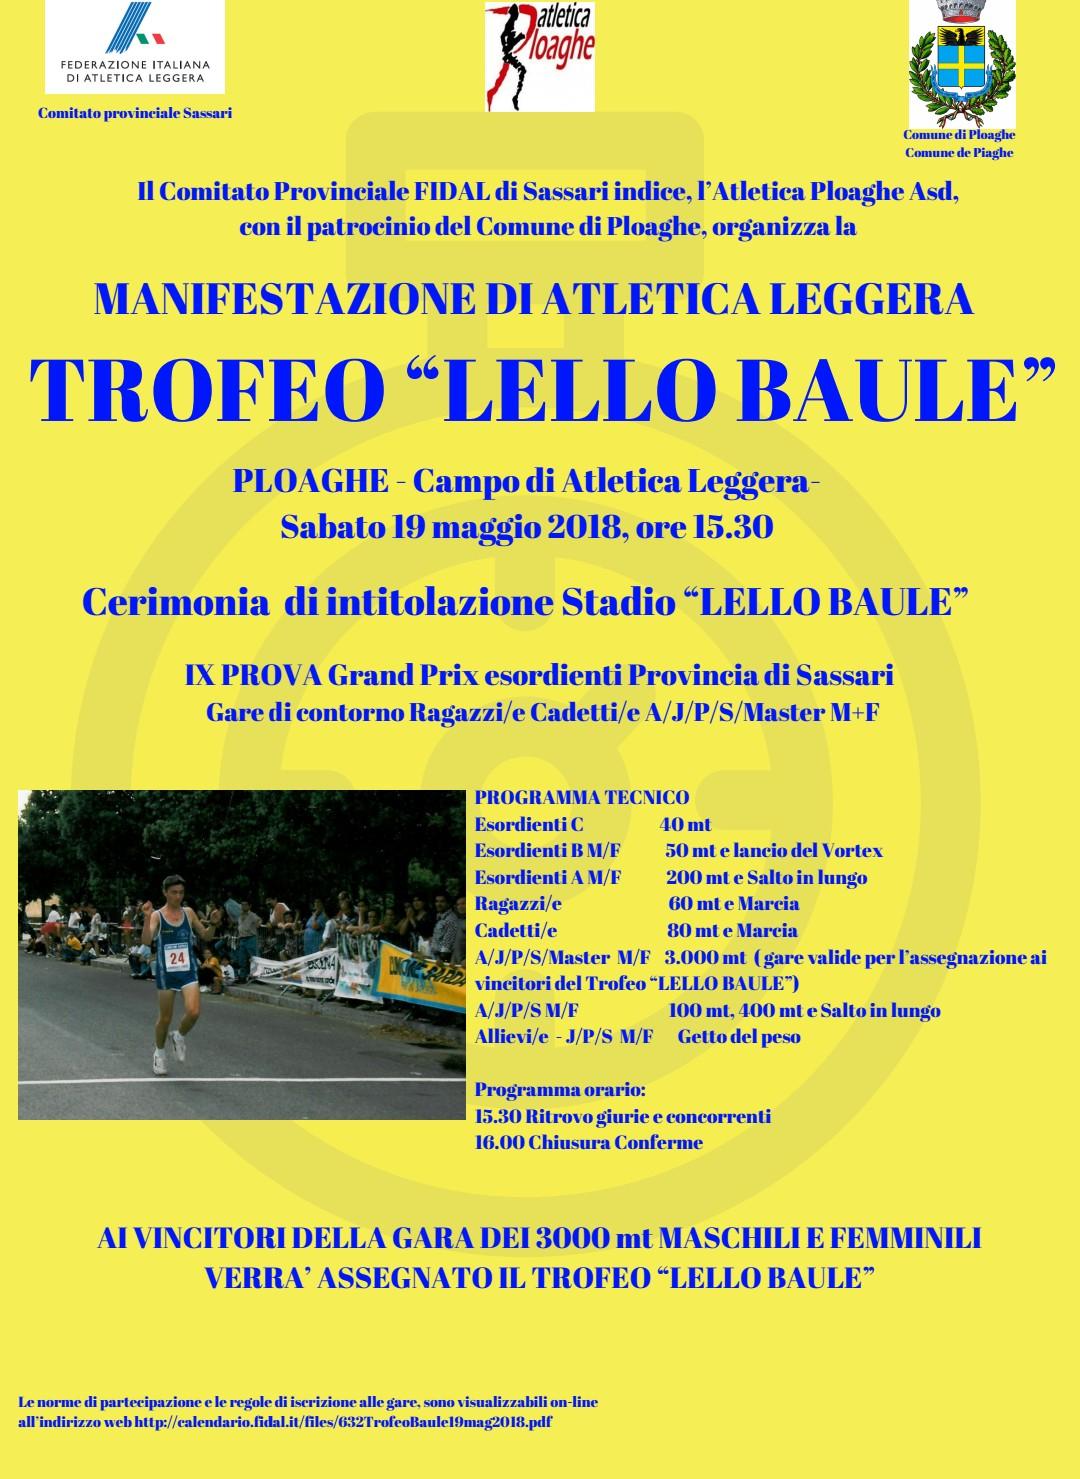 Fidal It Calendario.Manifestazione Trofeo Lello Baule